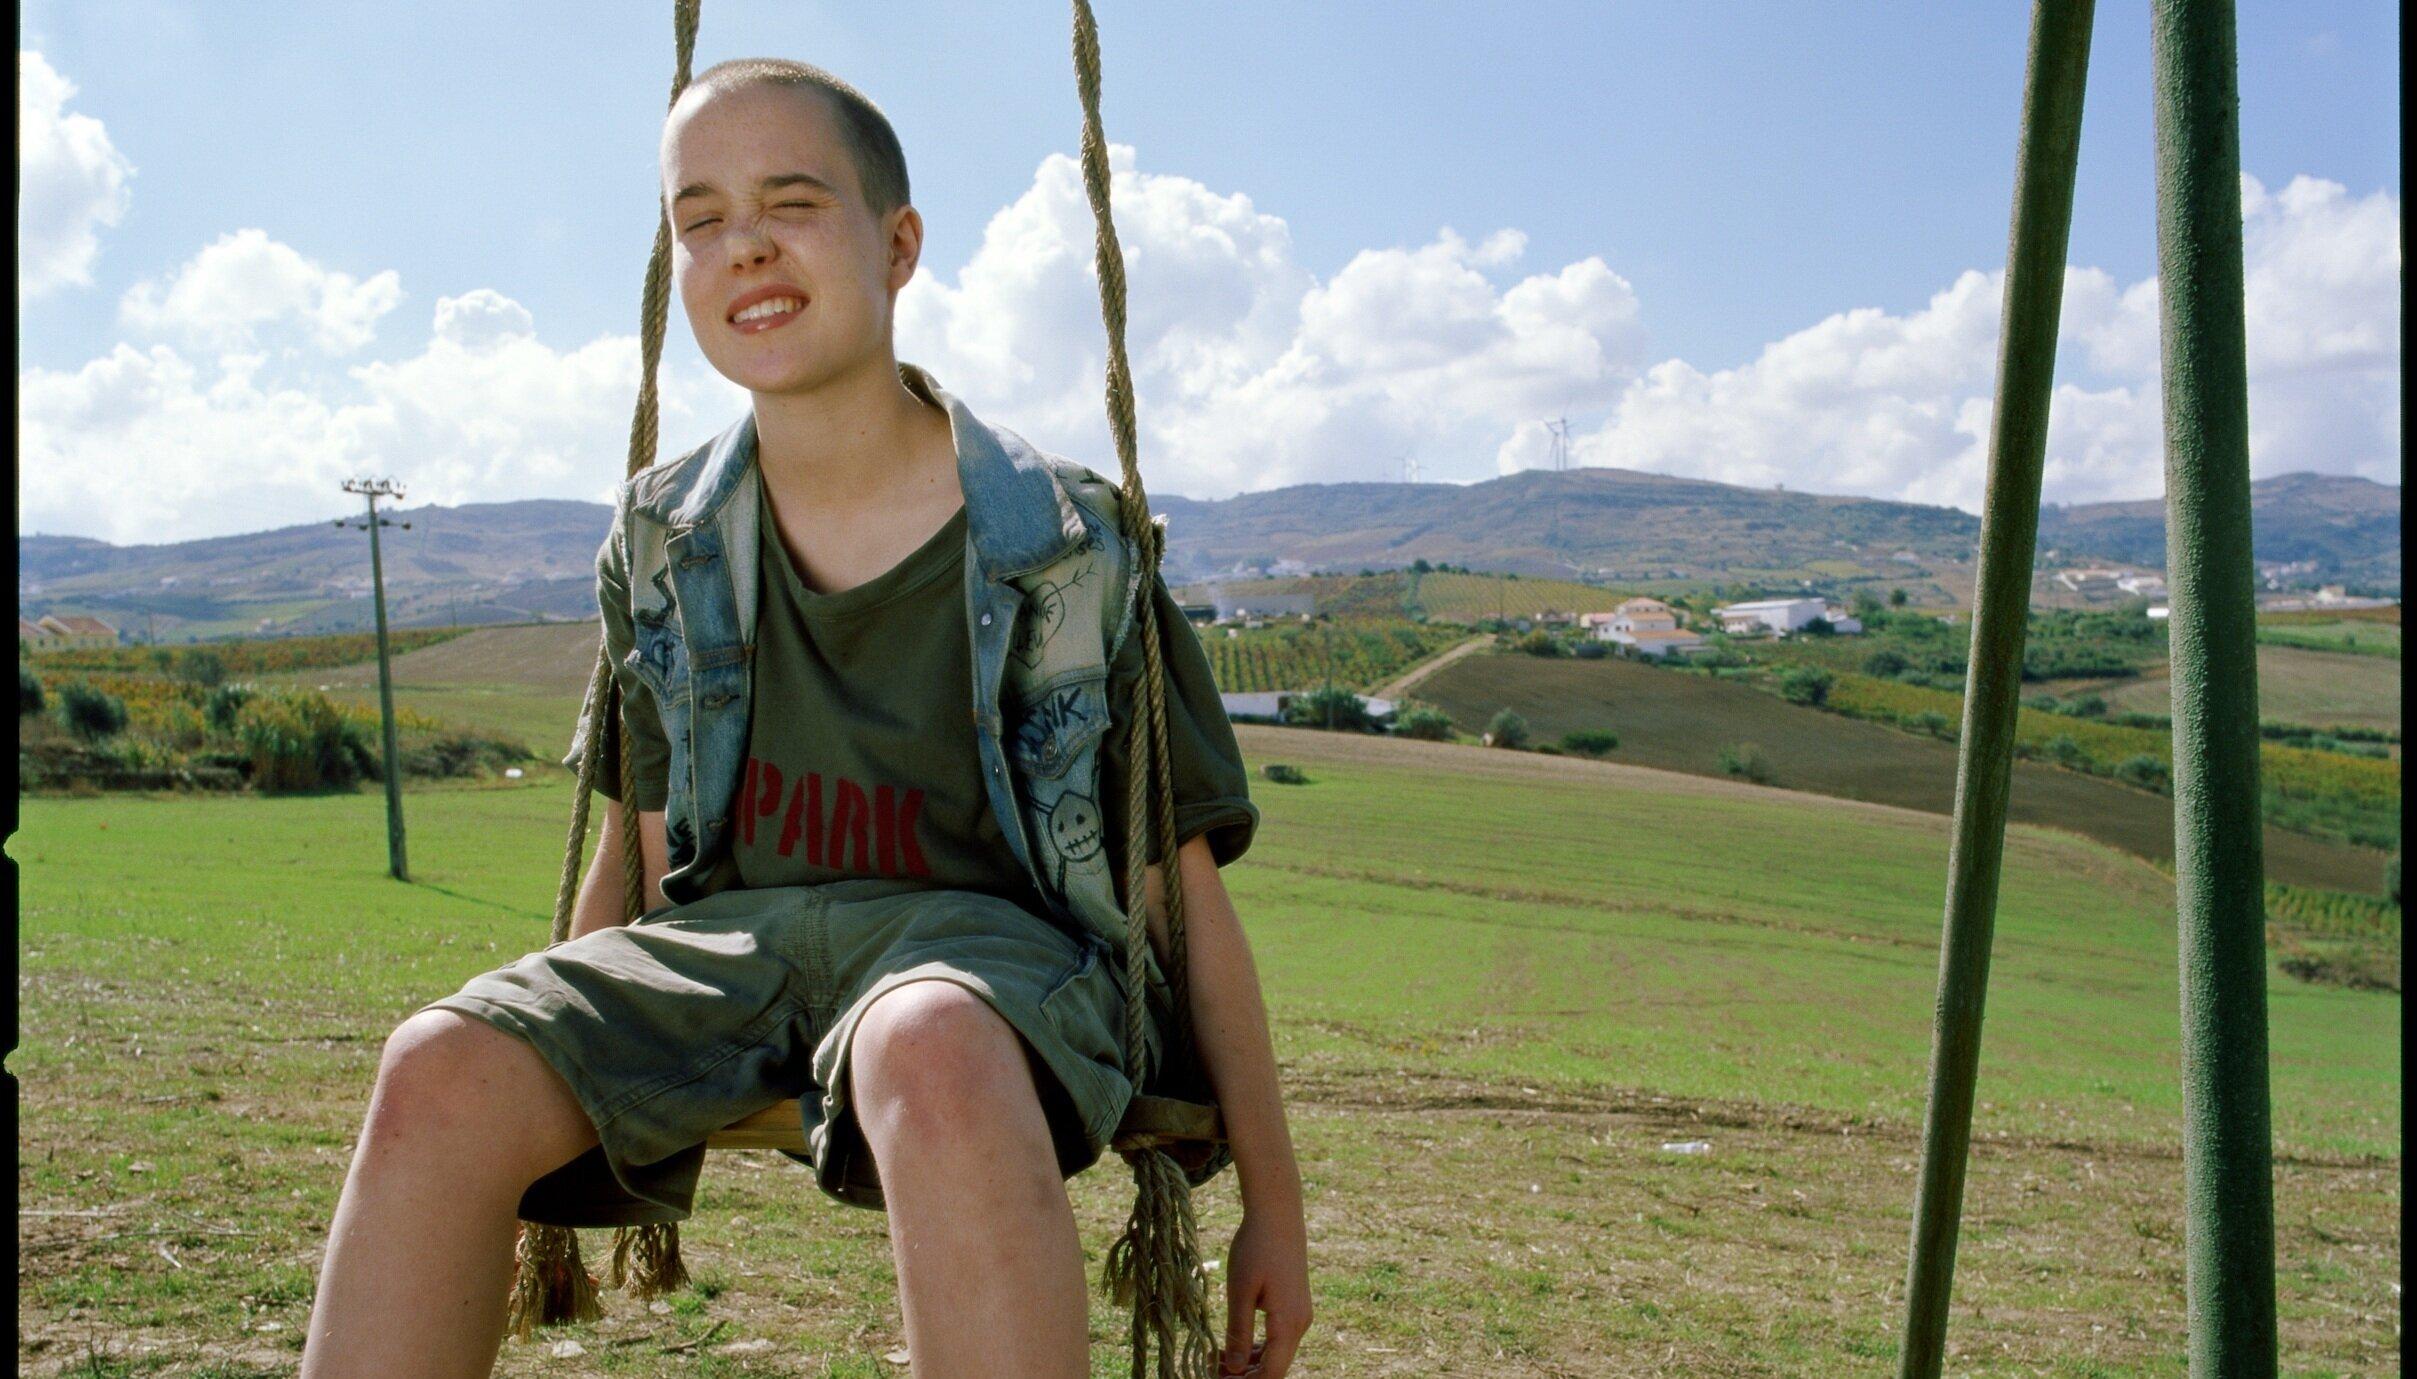 M2M Ellen Page swing.jpg